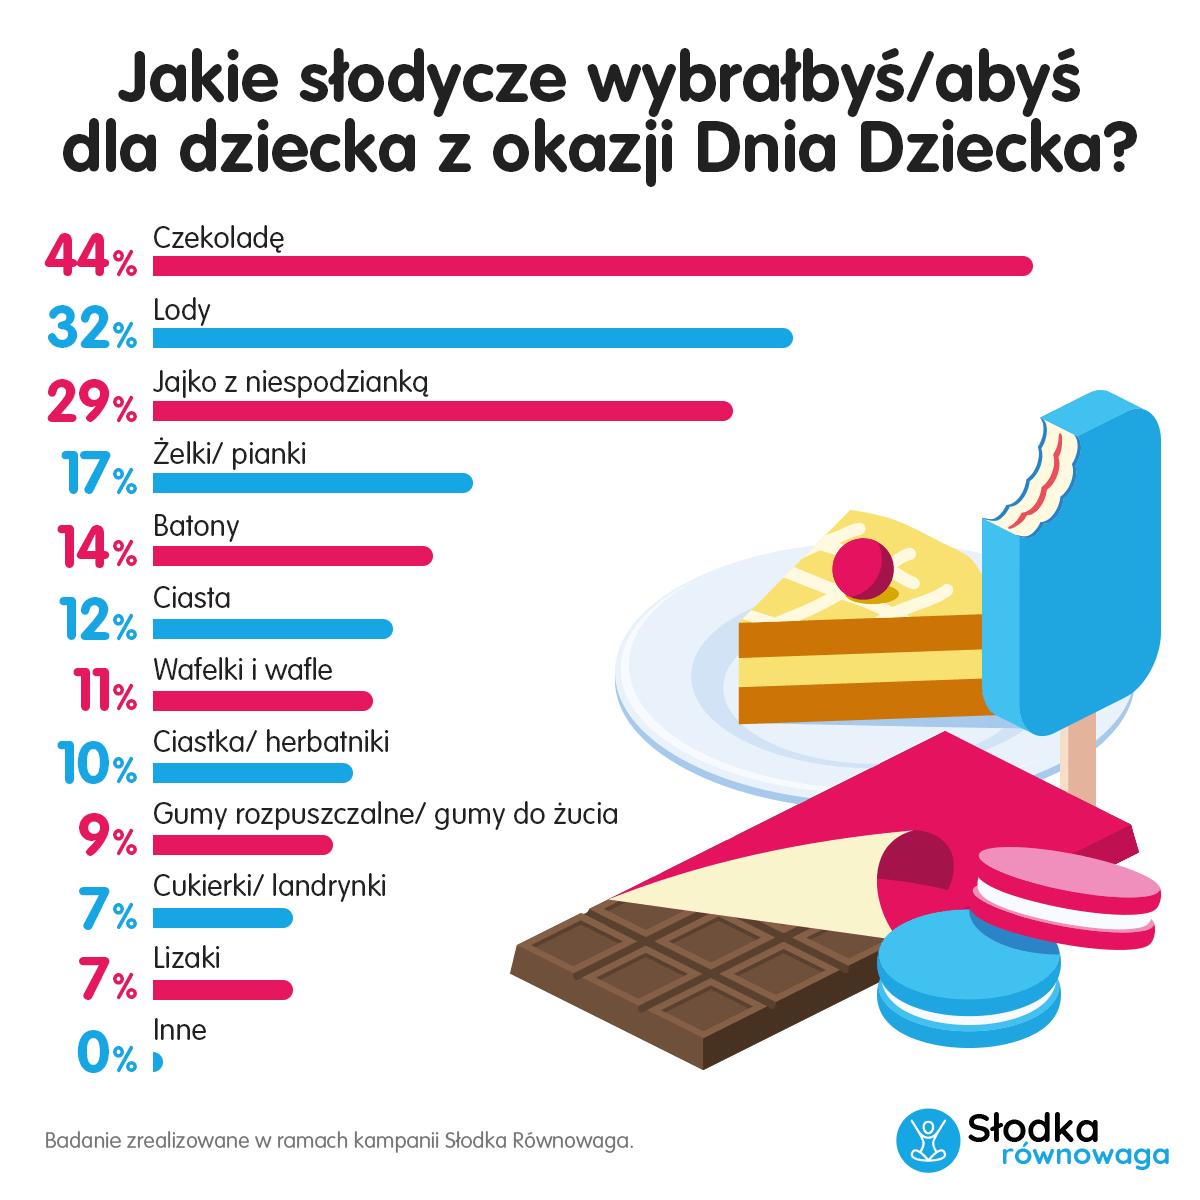 Jakie słodycze wybrałbyś dla dziecka z okazji Dnia Dziecka